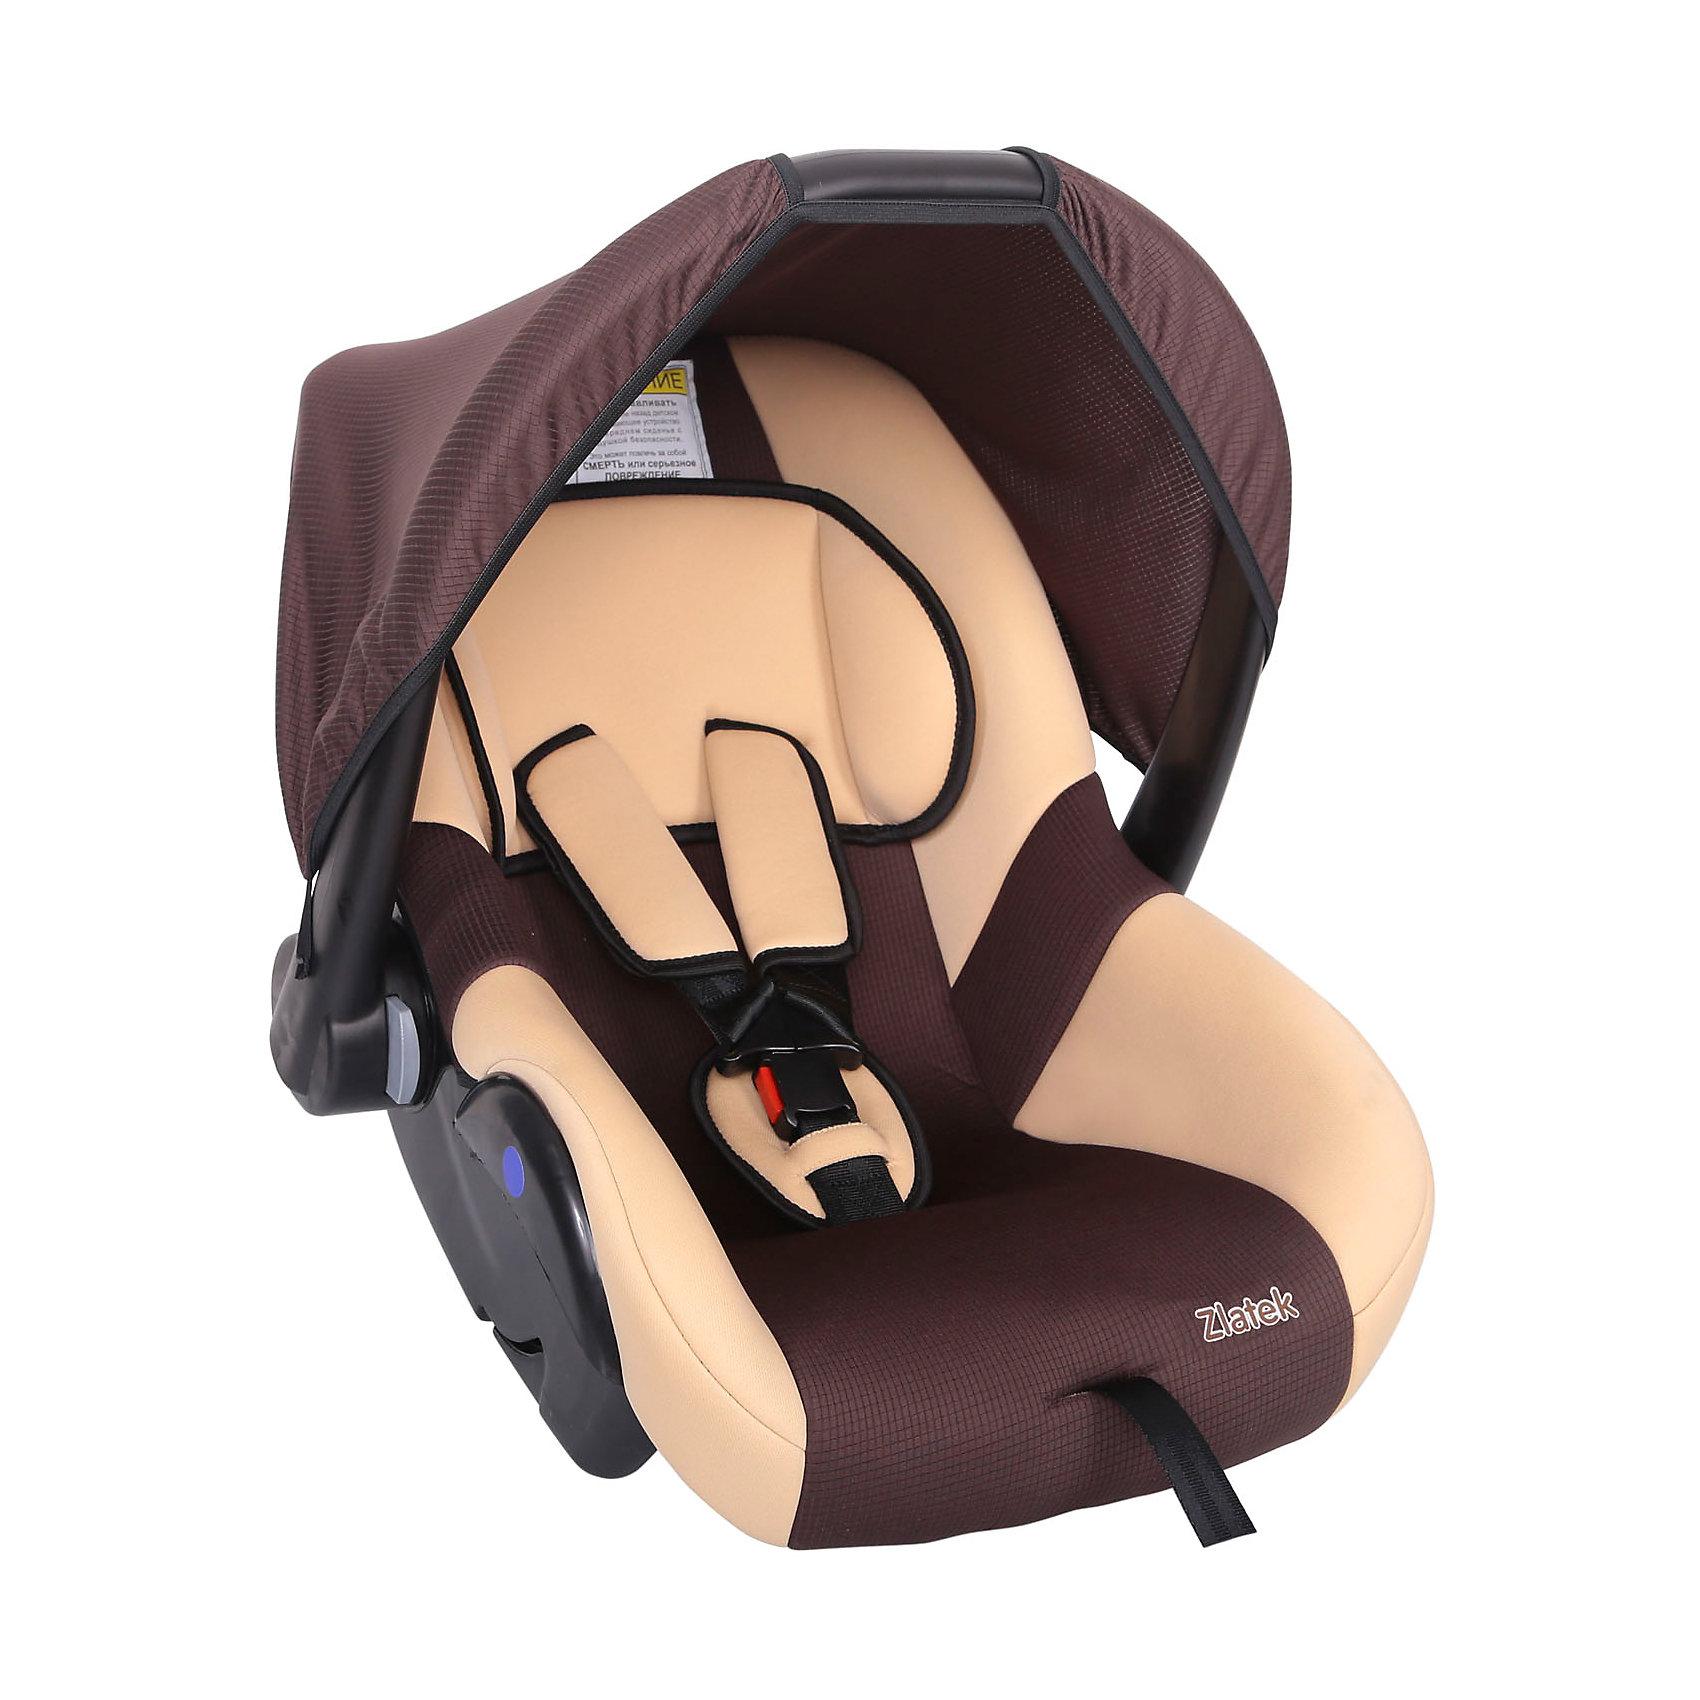 Автокресло Colibri 0-13 кг., Zlatek, коричневыйColibri Zlatek - современное и комфортное автокресло, которое обеспечит безопасность и комфорт вашему ребенку. В кресле предусмотрена мягкая анатомическая подушка, которая будет удерживать голову малыша, а также удобные ремни, регулируемые по росту. Благодаря удобной ручке кресло легко переносить в руках, а так же его можно использовать как кресло-качалку.<br><br>Дополнительная информация:<br><br>- Материал: текстиль, пластик, металл.<br>- Размер: 60x37x36 см<br>- Возраст: от 0 до 18 месяцев<br>- Группа: 0+ (до 13 кг)<br>- Вес кресла: 3.7 кг<br>- Внутренние 3-точечные ремни безопасности<br><br>Автокресло Colibri 0-13 кг., Zlatek, коричневый можно купить в нашем интернет-магазине.<br><br>Ширина мм: 600<br>Глубина мм: 360<br>Высота мм: 370<br>Вес г: 3700<br>Возраст от месяцев: 0<br>Возраст до месяцев: 18<br>Пол: Унисекс<br>Возраст: Детский<br>SKU: 4809130